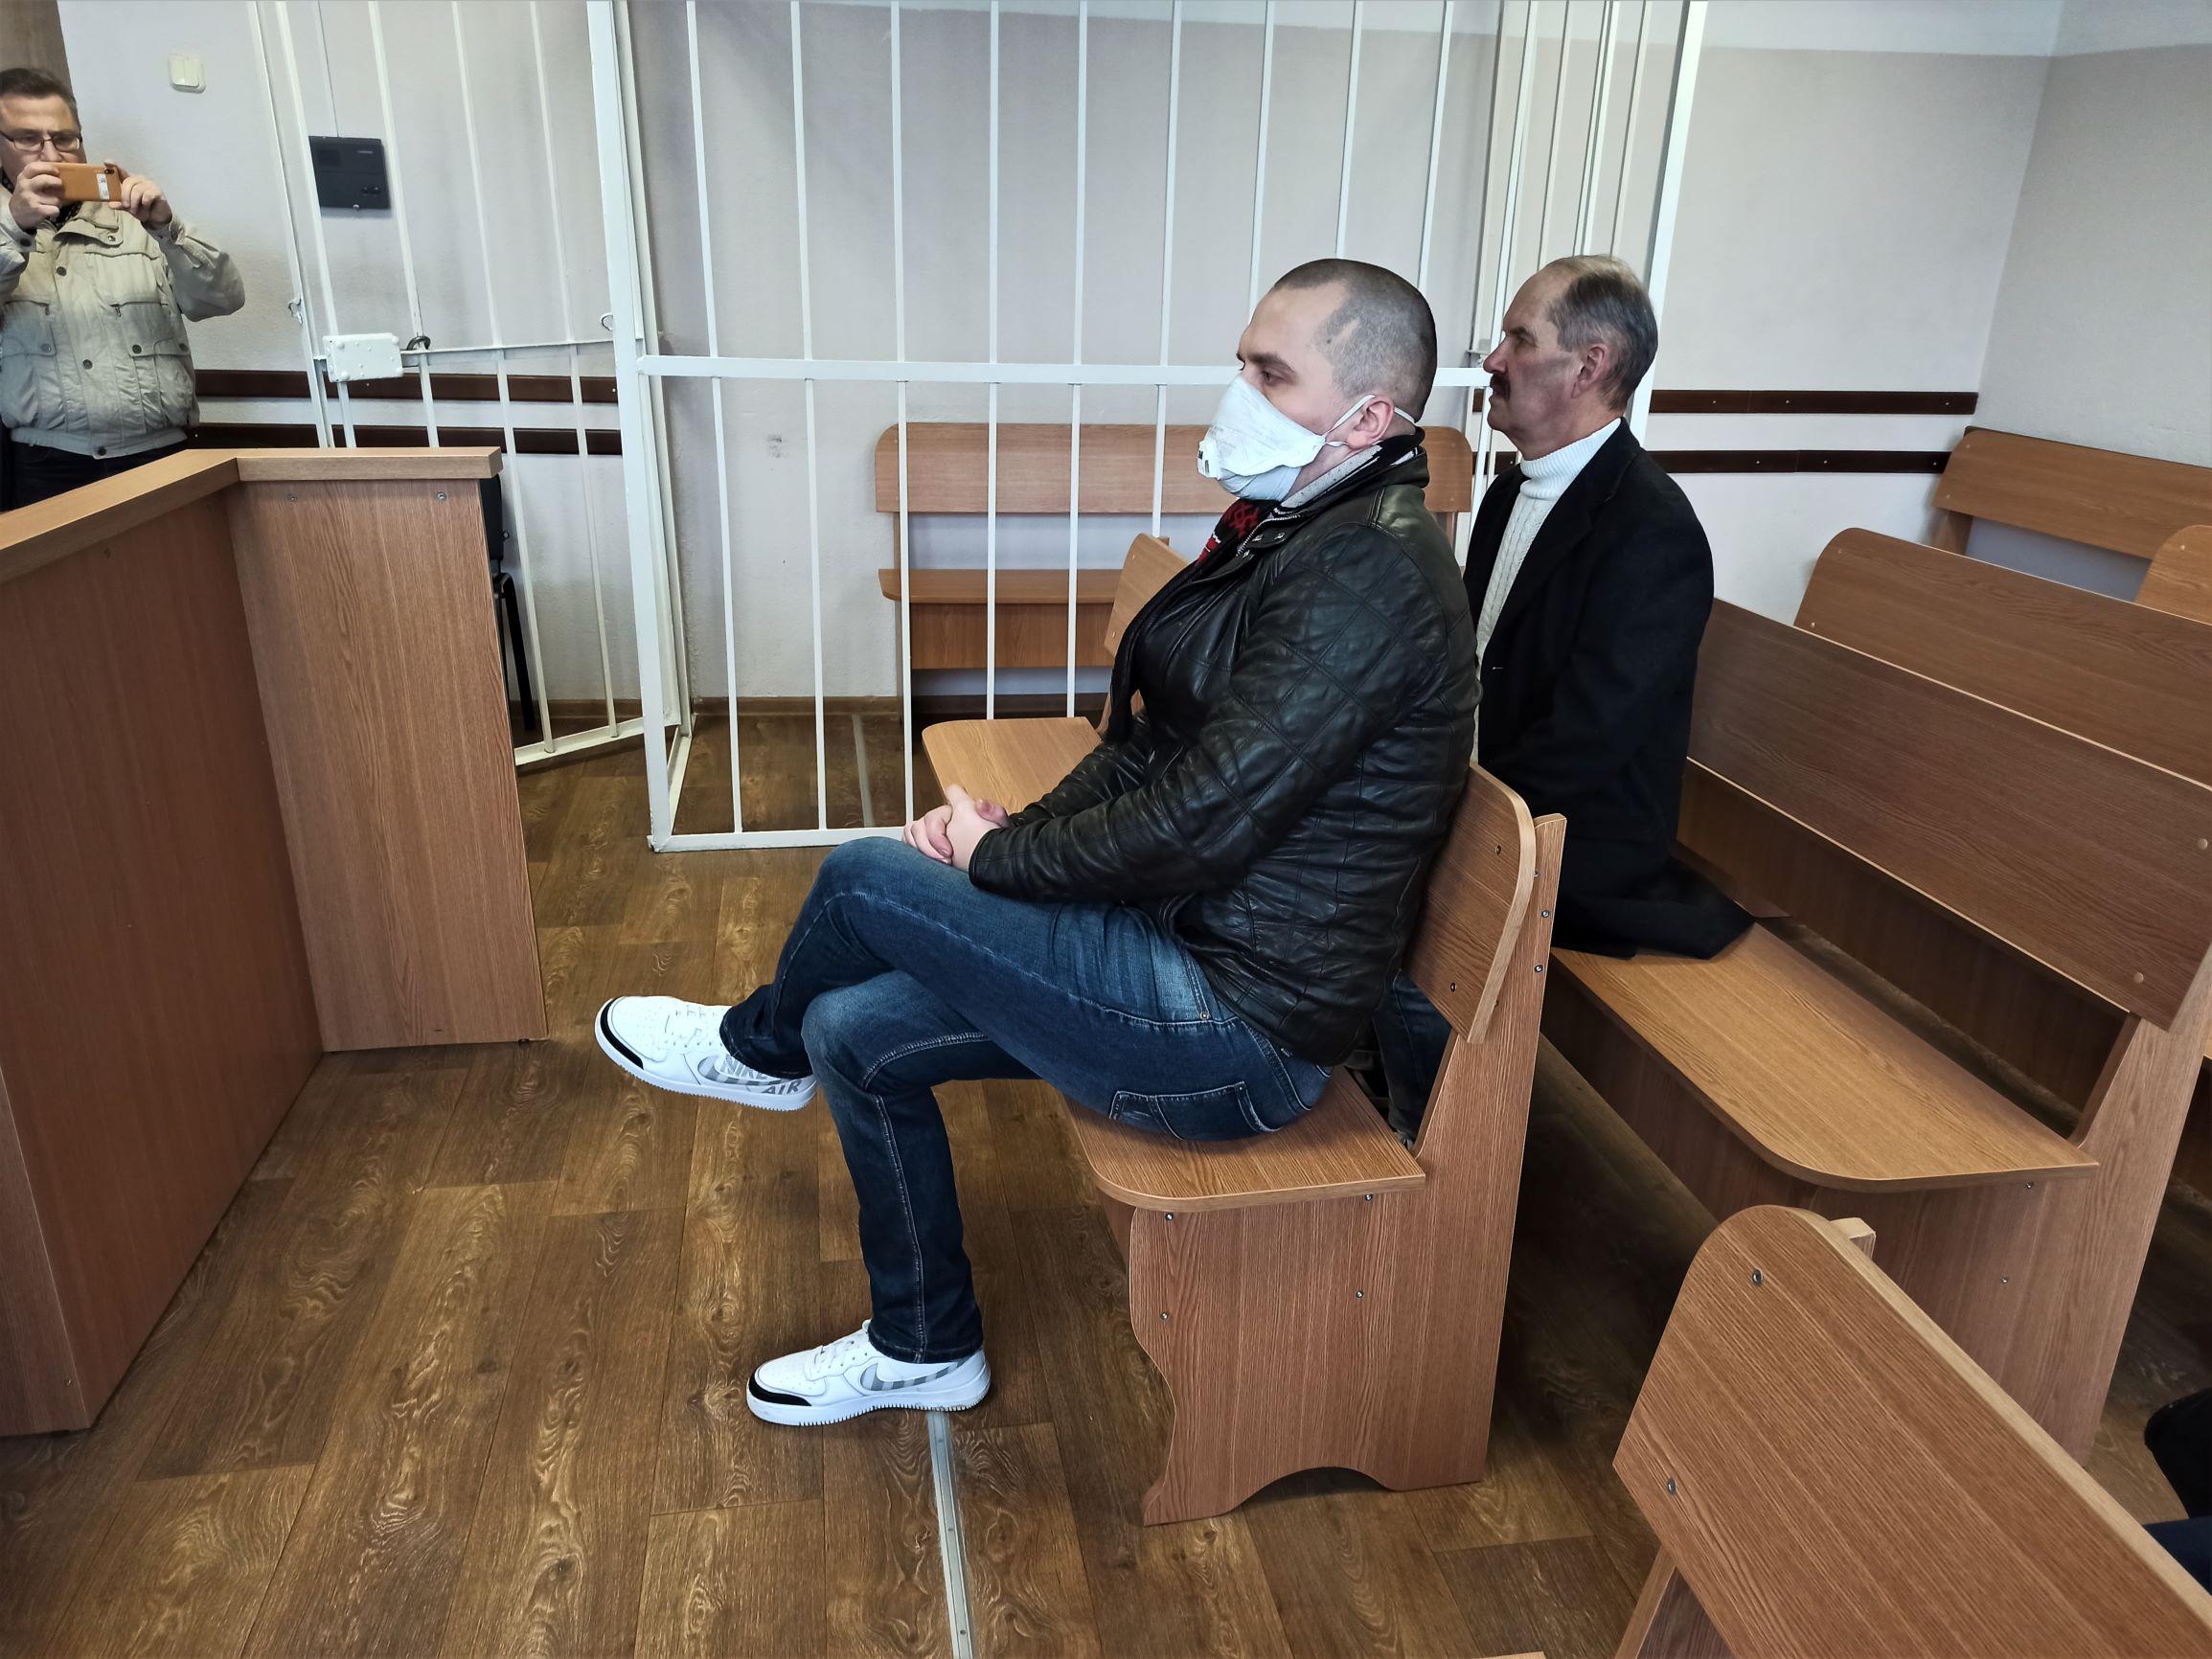 Два гады за абразу суддзі. У Магілёве – першы асуджаны па крыміналцы палітычны актывіст